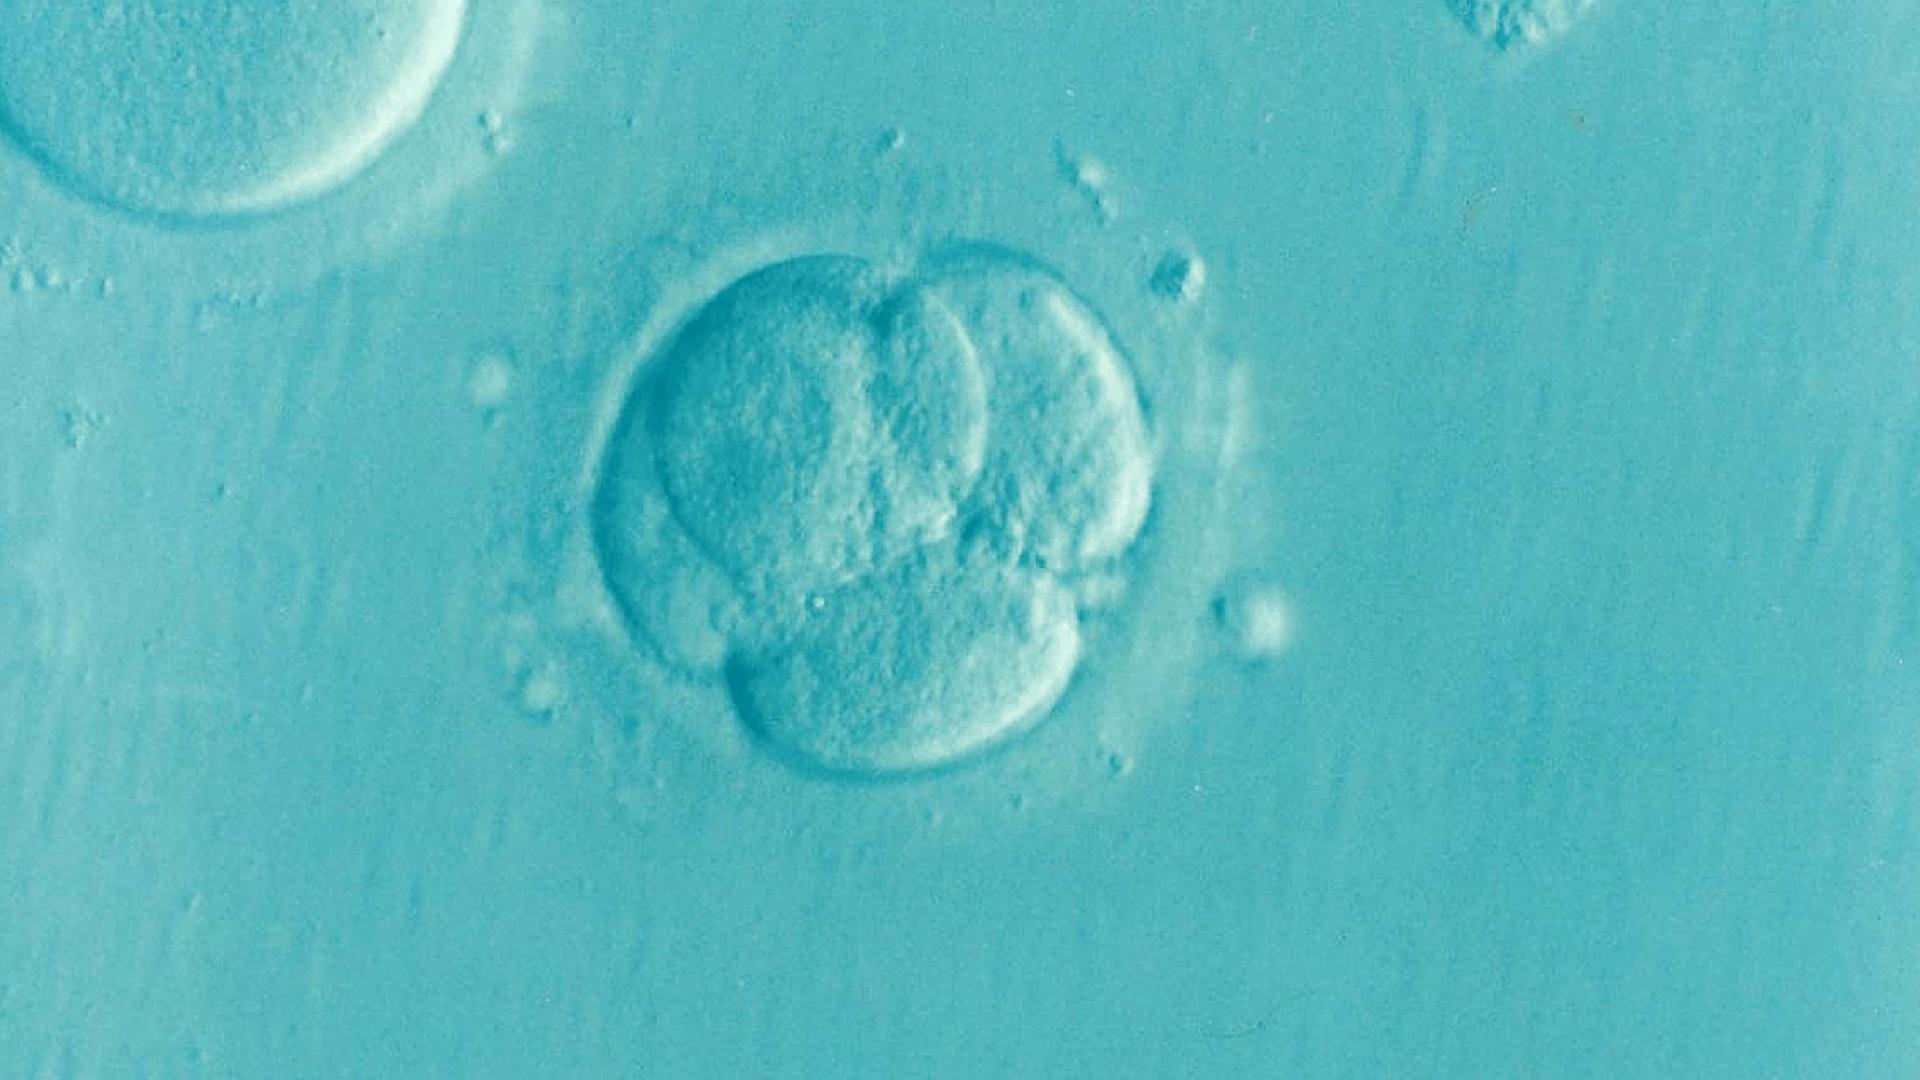 10 όροι σχετικοί με την γονιμότητα που πρέπει να γνωρίζετε